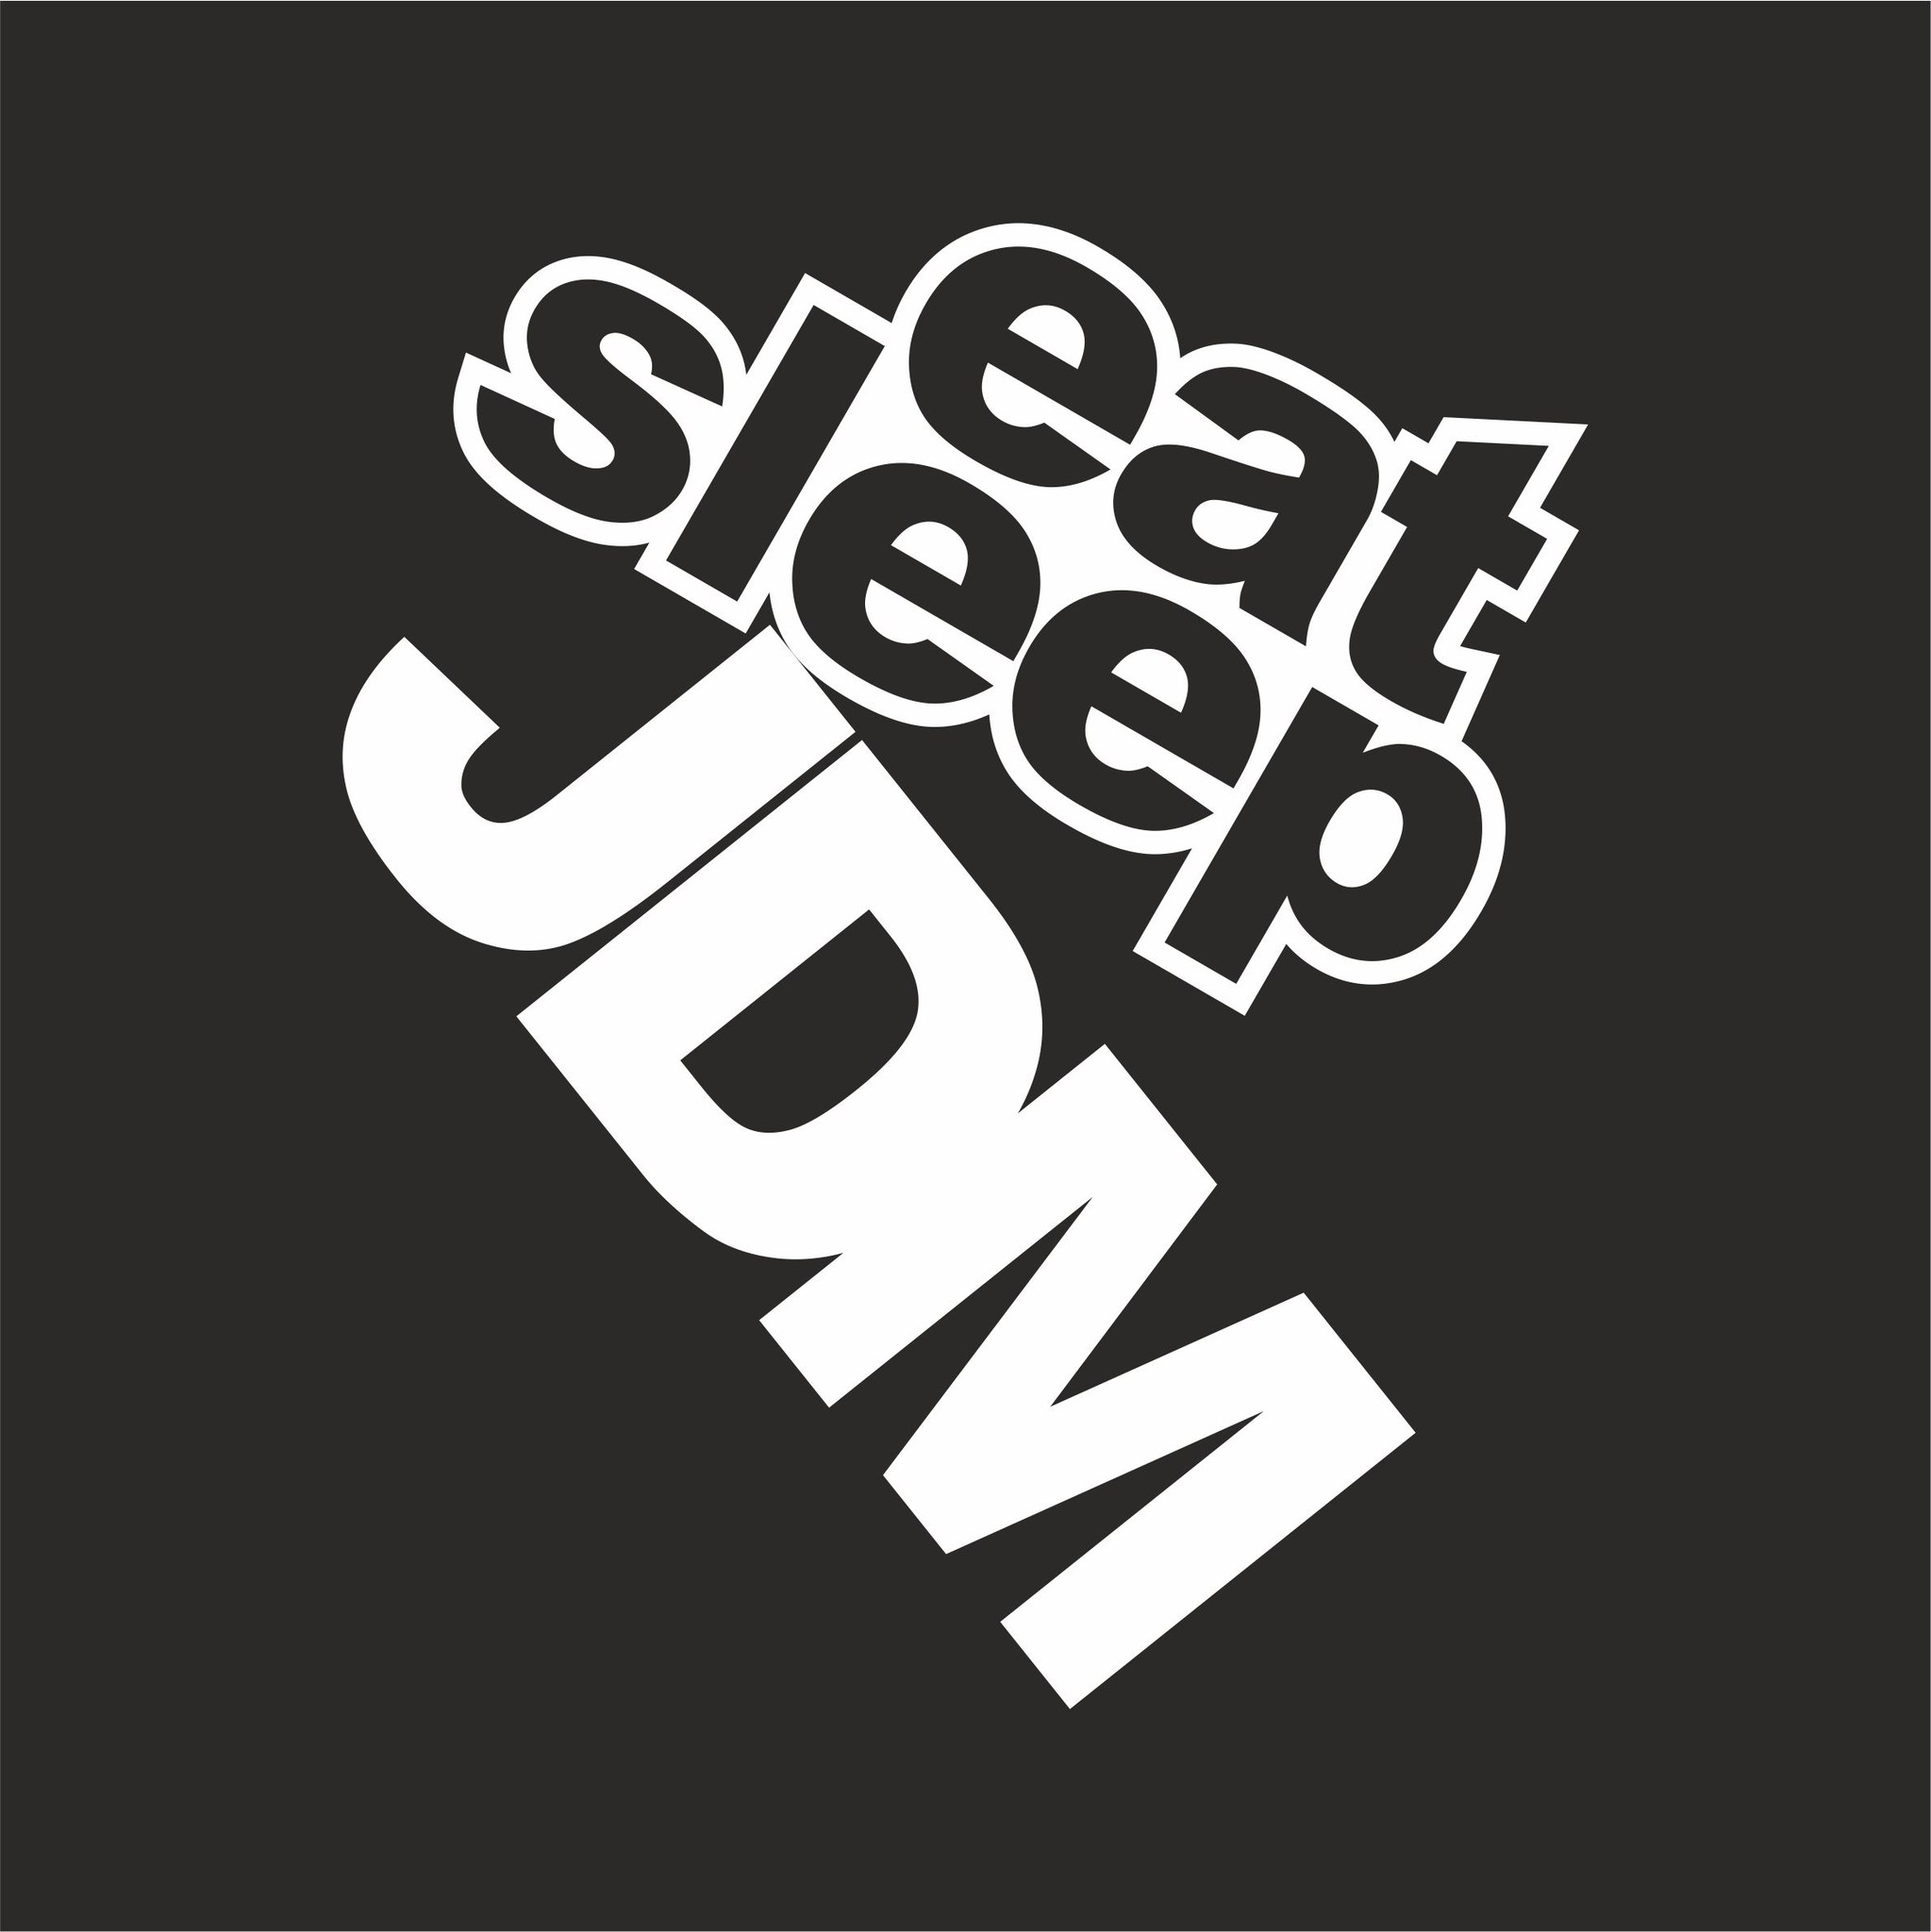 Eat Sleep Jdm Sticker Vector Free Vector Cdr Download